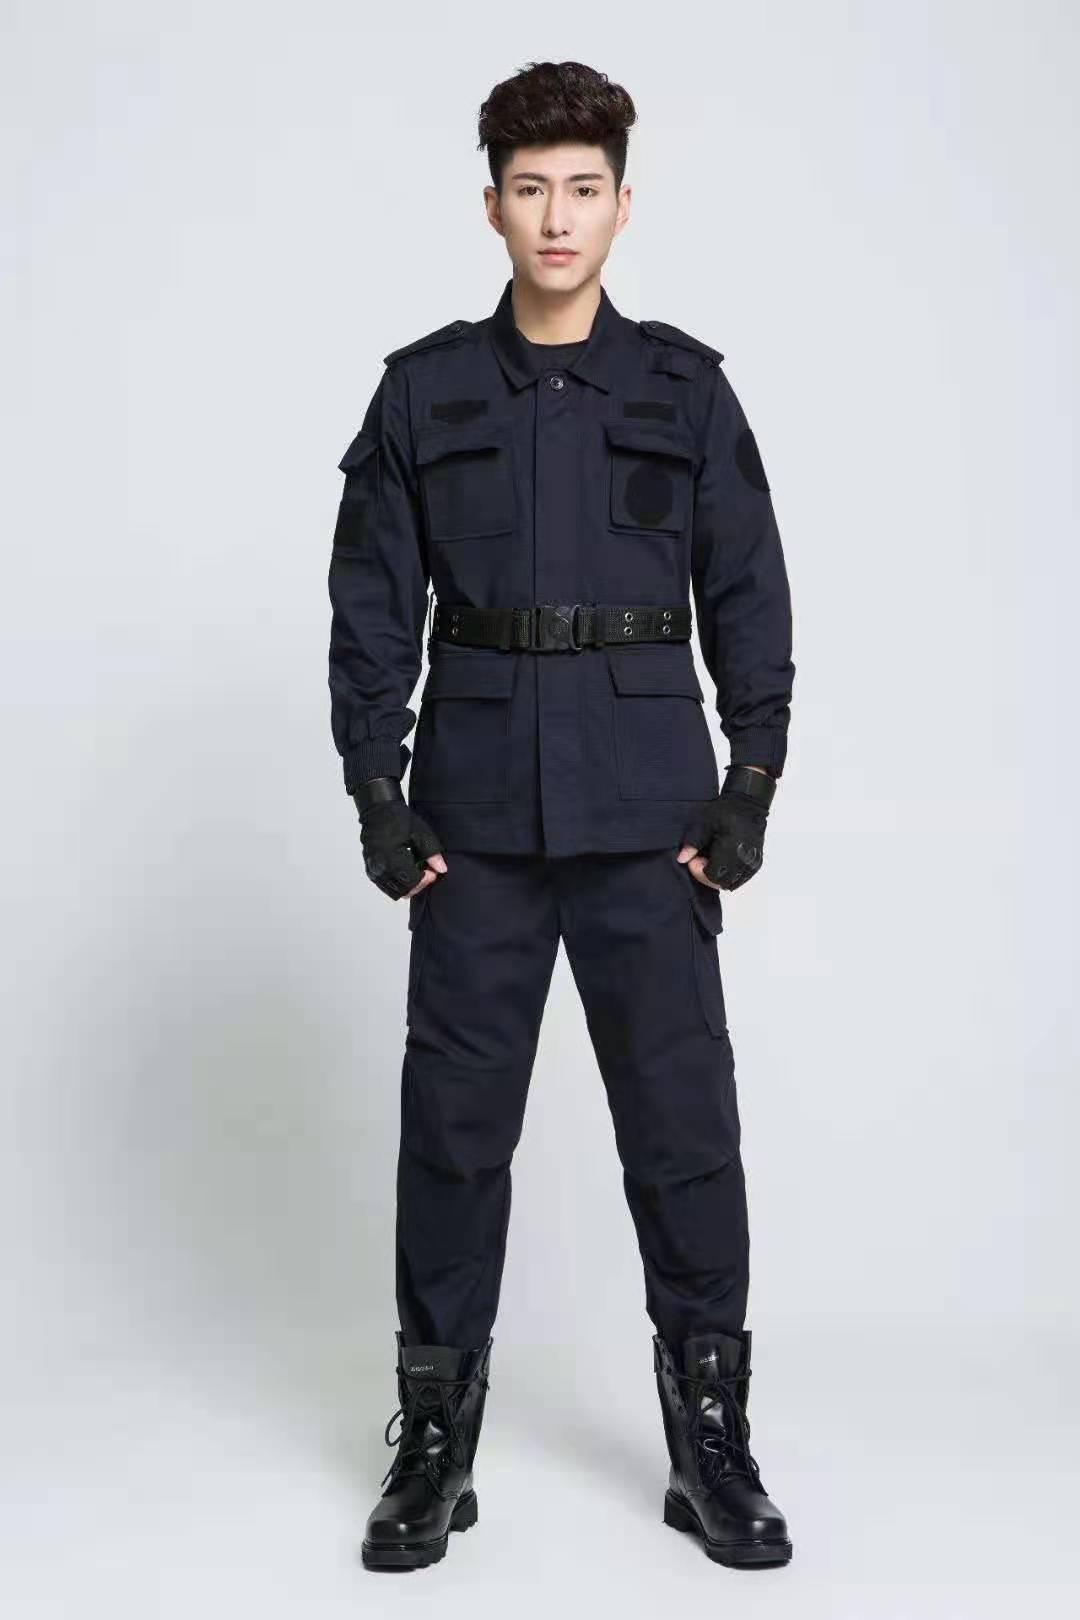 特警作训服,99特警战训服,99特警作训服,99特警作战服